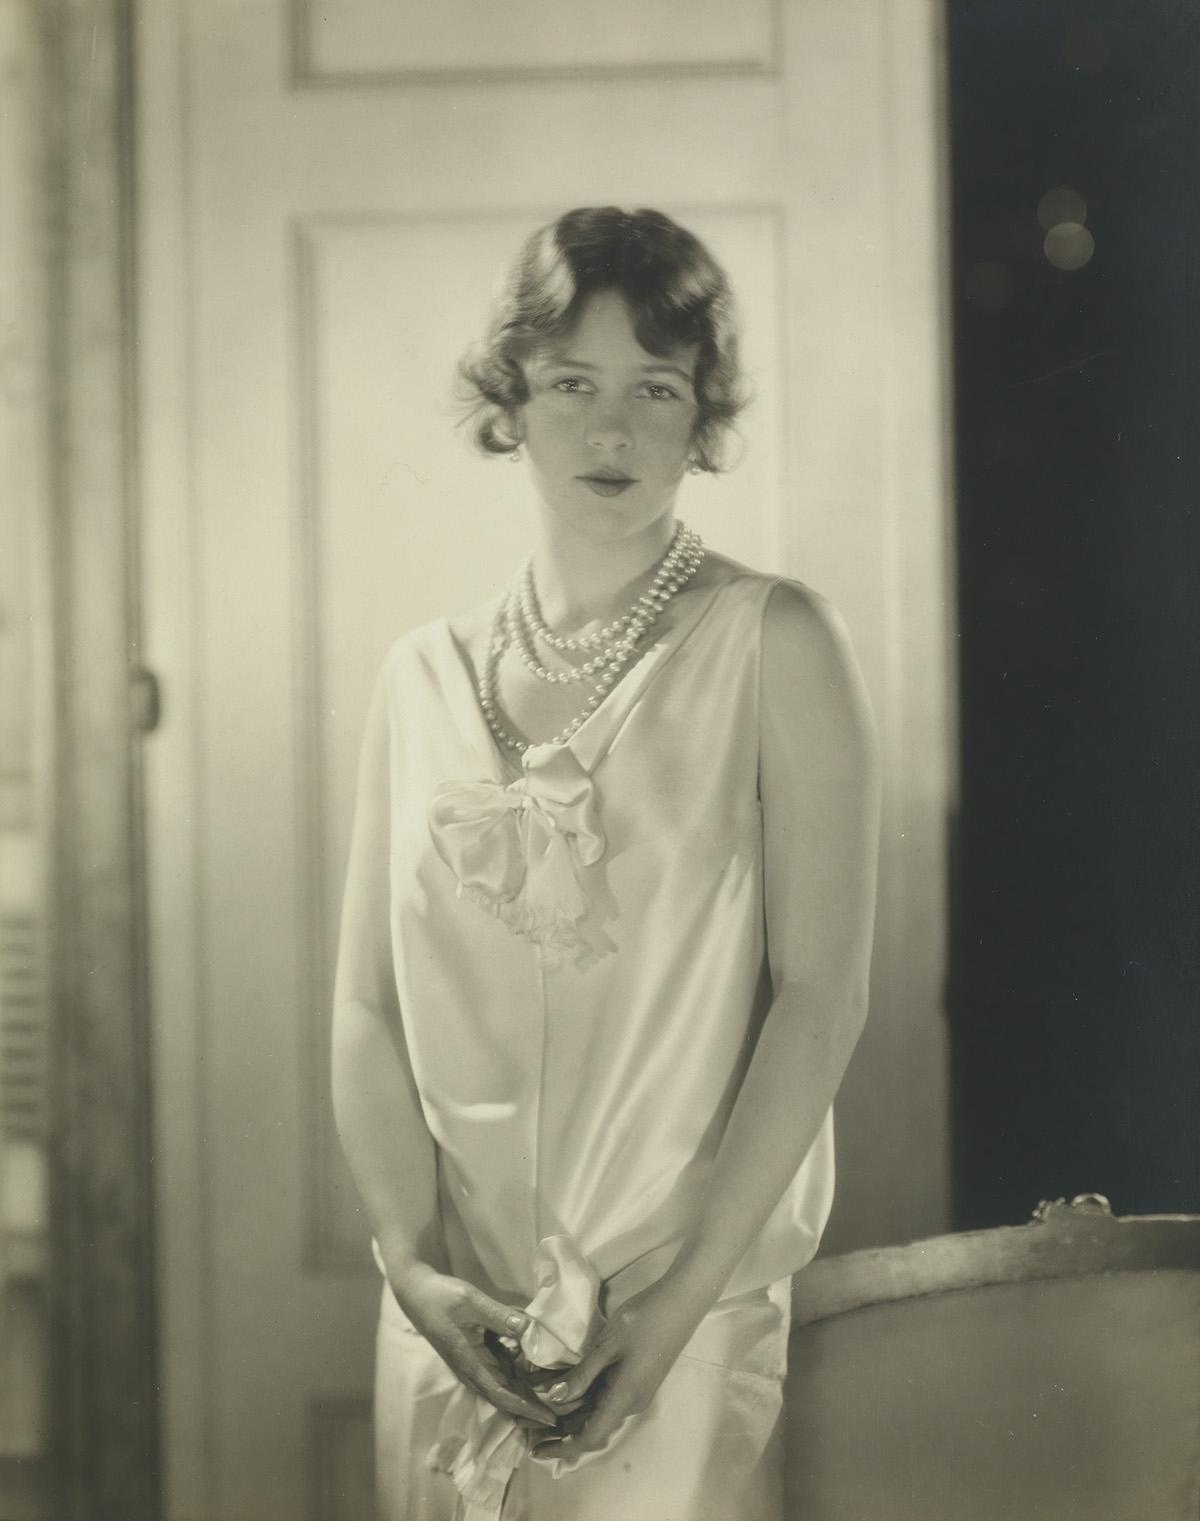 EDWARD-STEICHEN-(1879-1973)-Evelyn-Clark-(Vogue-magazine)